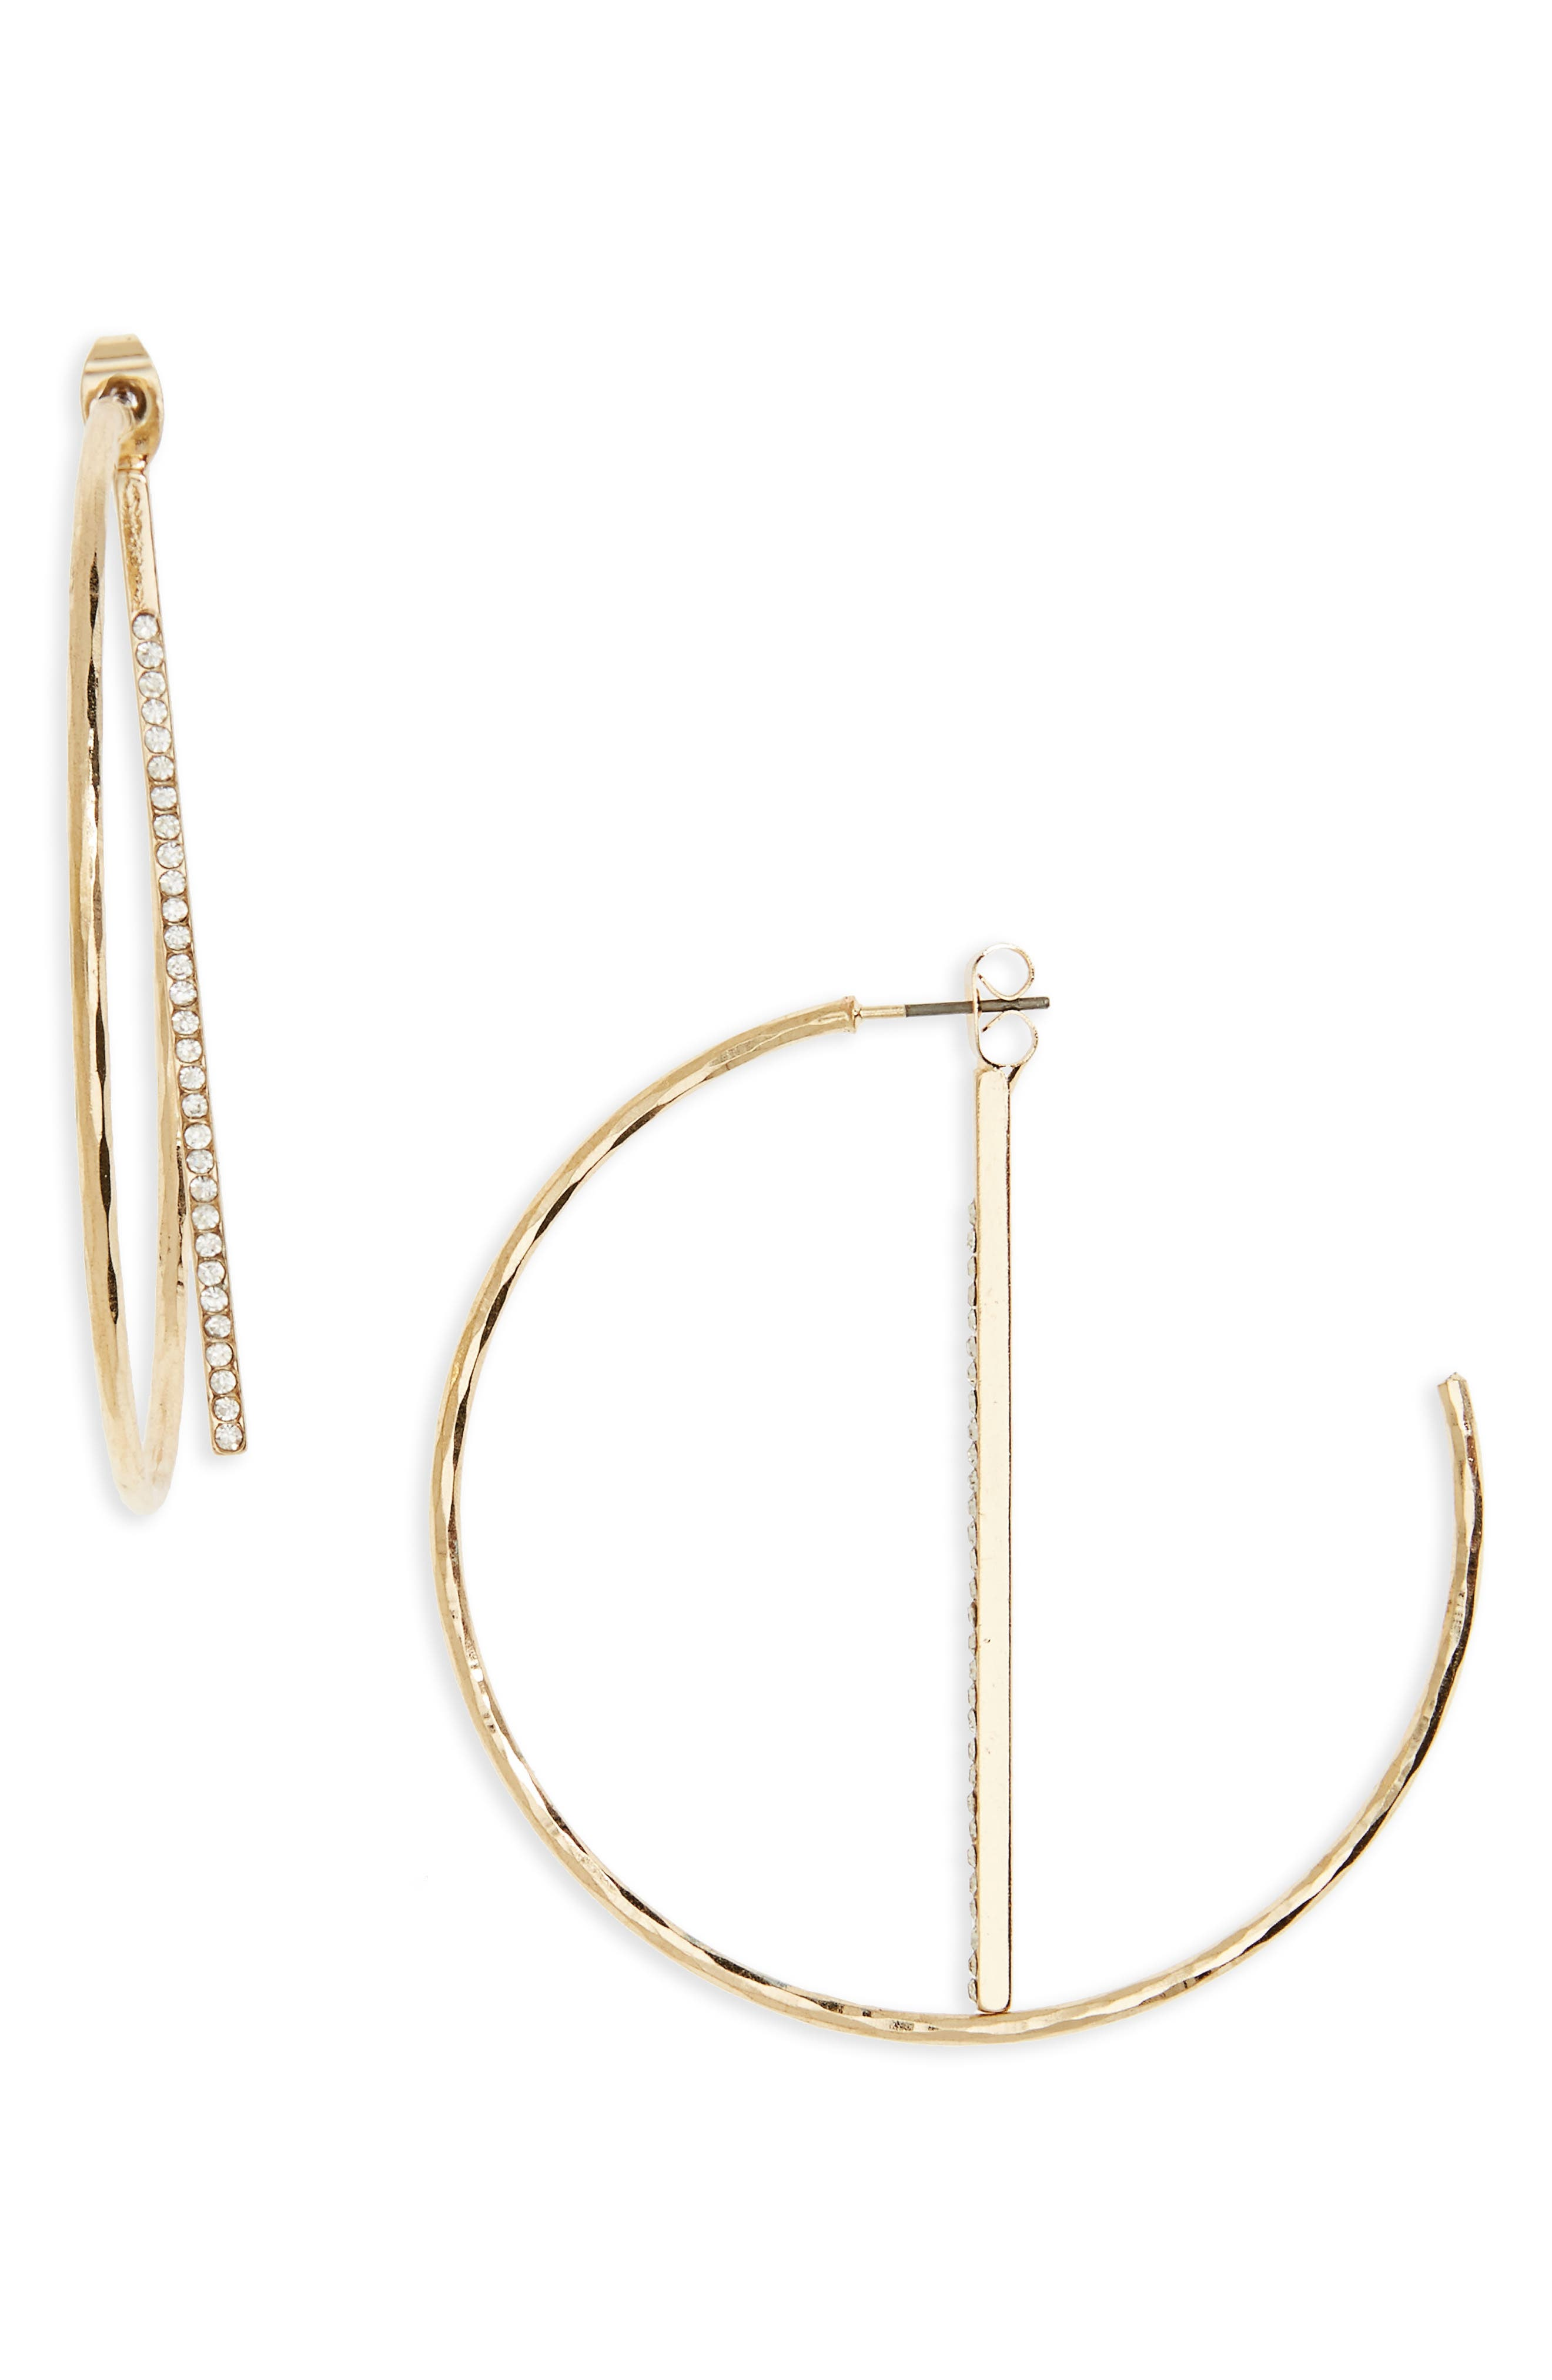 Crystal Half Hoop Earrings,                             Main thumbnail 1, color,                             710